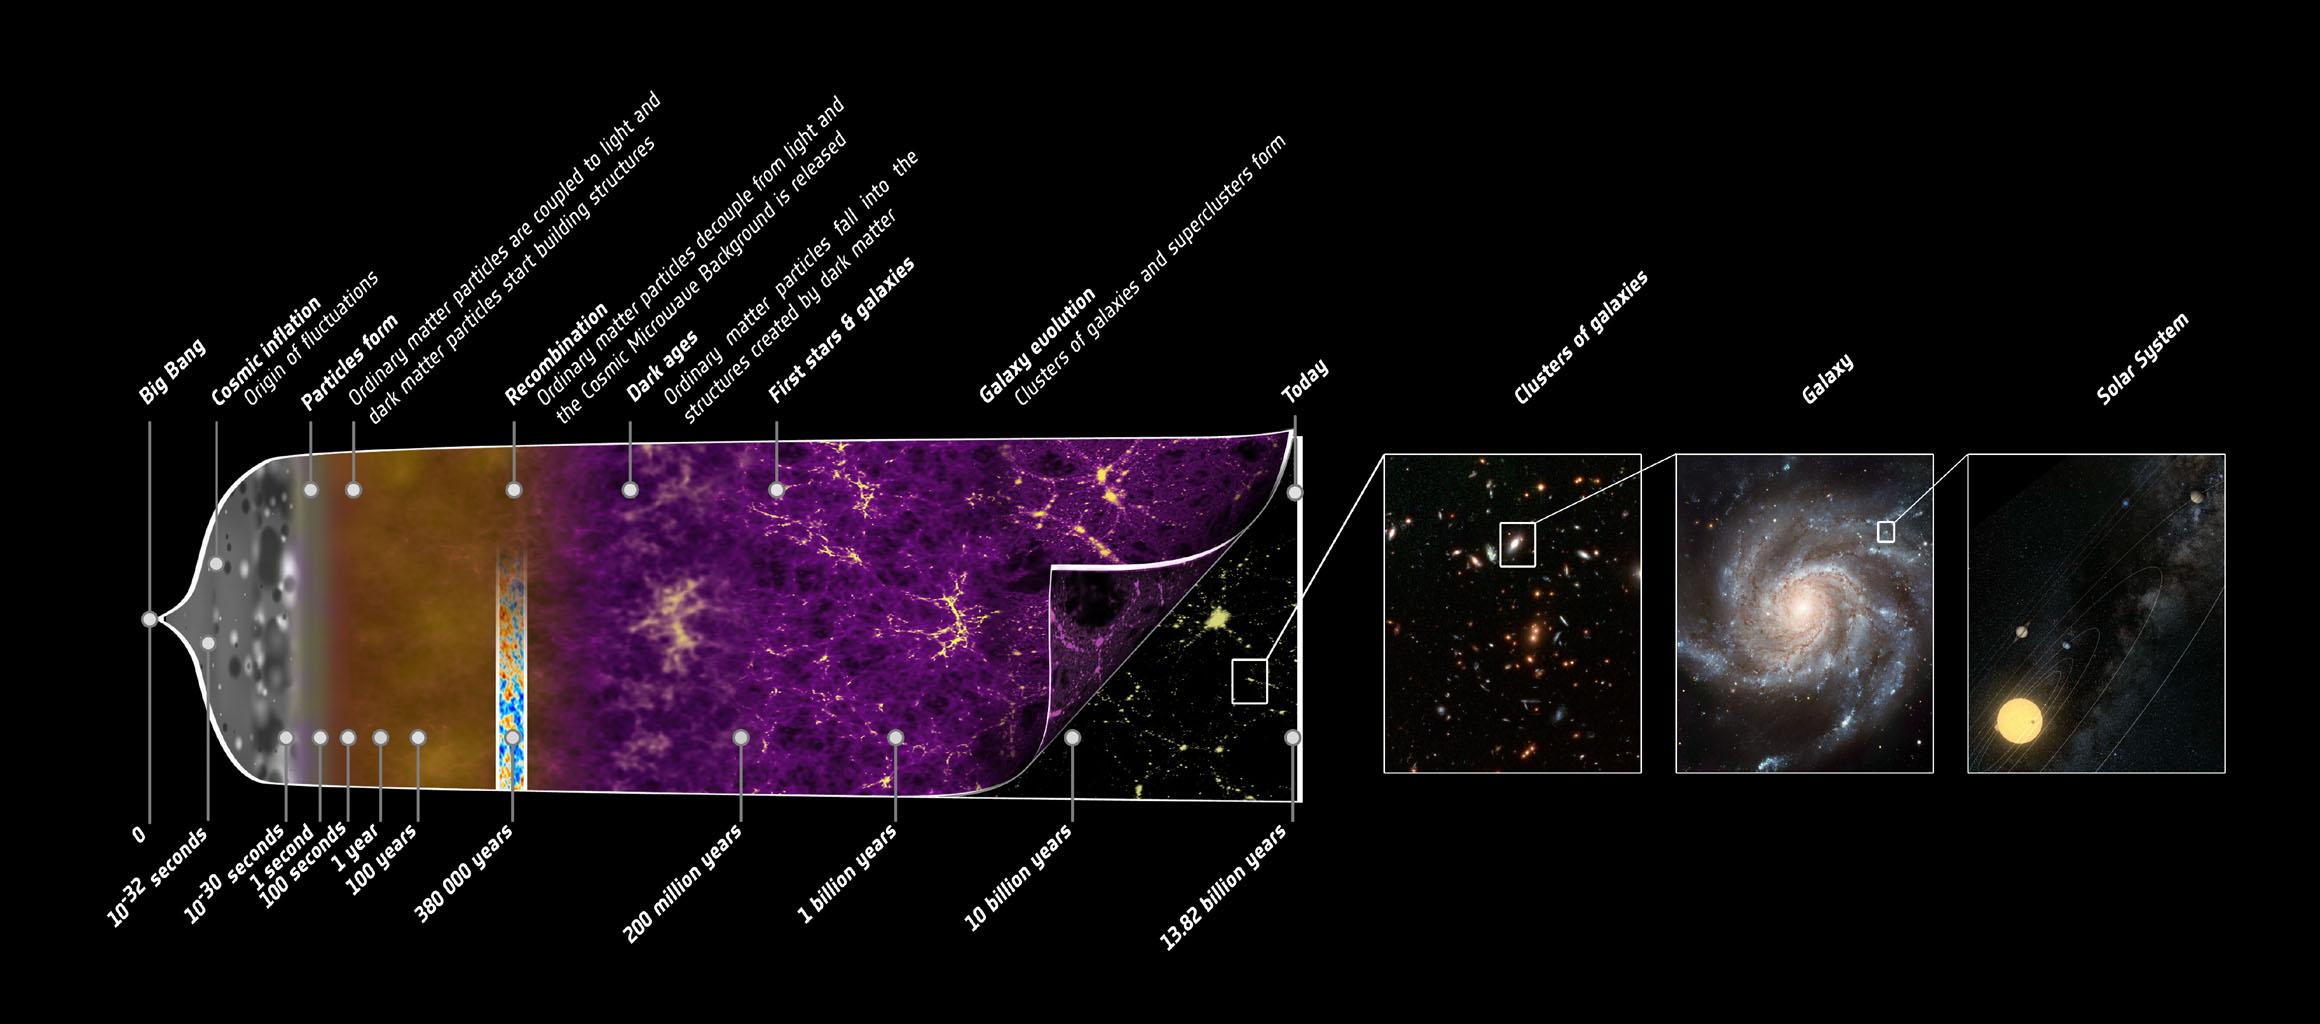 Bardziej szczegółowa grafika przedstawiająca kolejne etapy ewolucji Wszechświata na podstawie danych z satelity Planck.